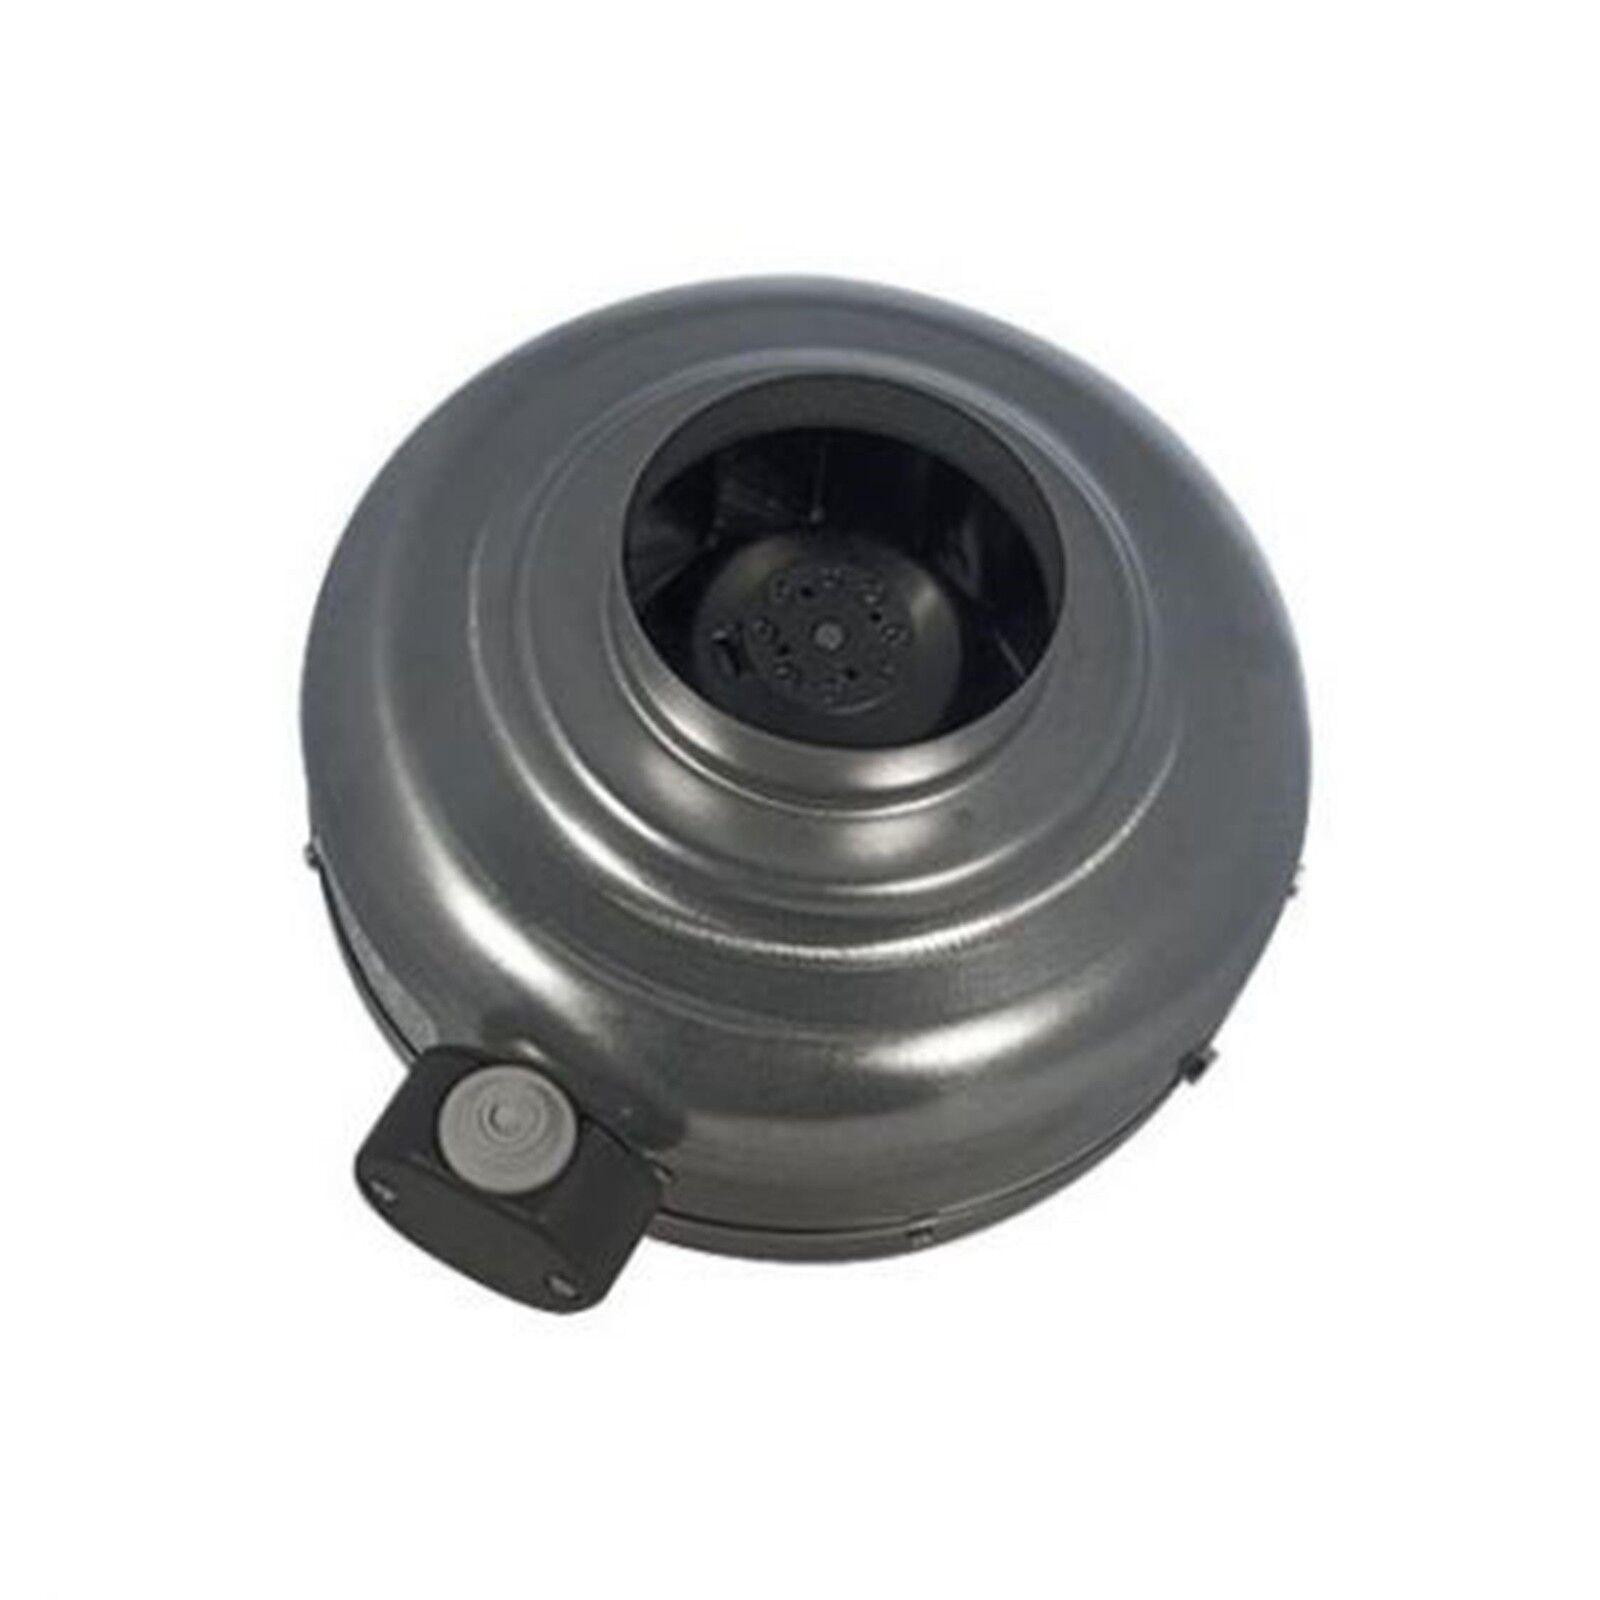 IN-Line Ventilator max 1890 m³ h f. 315 mm Rohr rostfreier Stahl Grow Rohrlüfter     | Online Outlet Shop  | Die Qualität Und Die Verbraucher Zunächst  | Günstige Bestellung